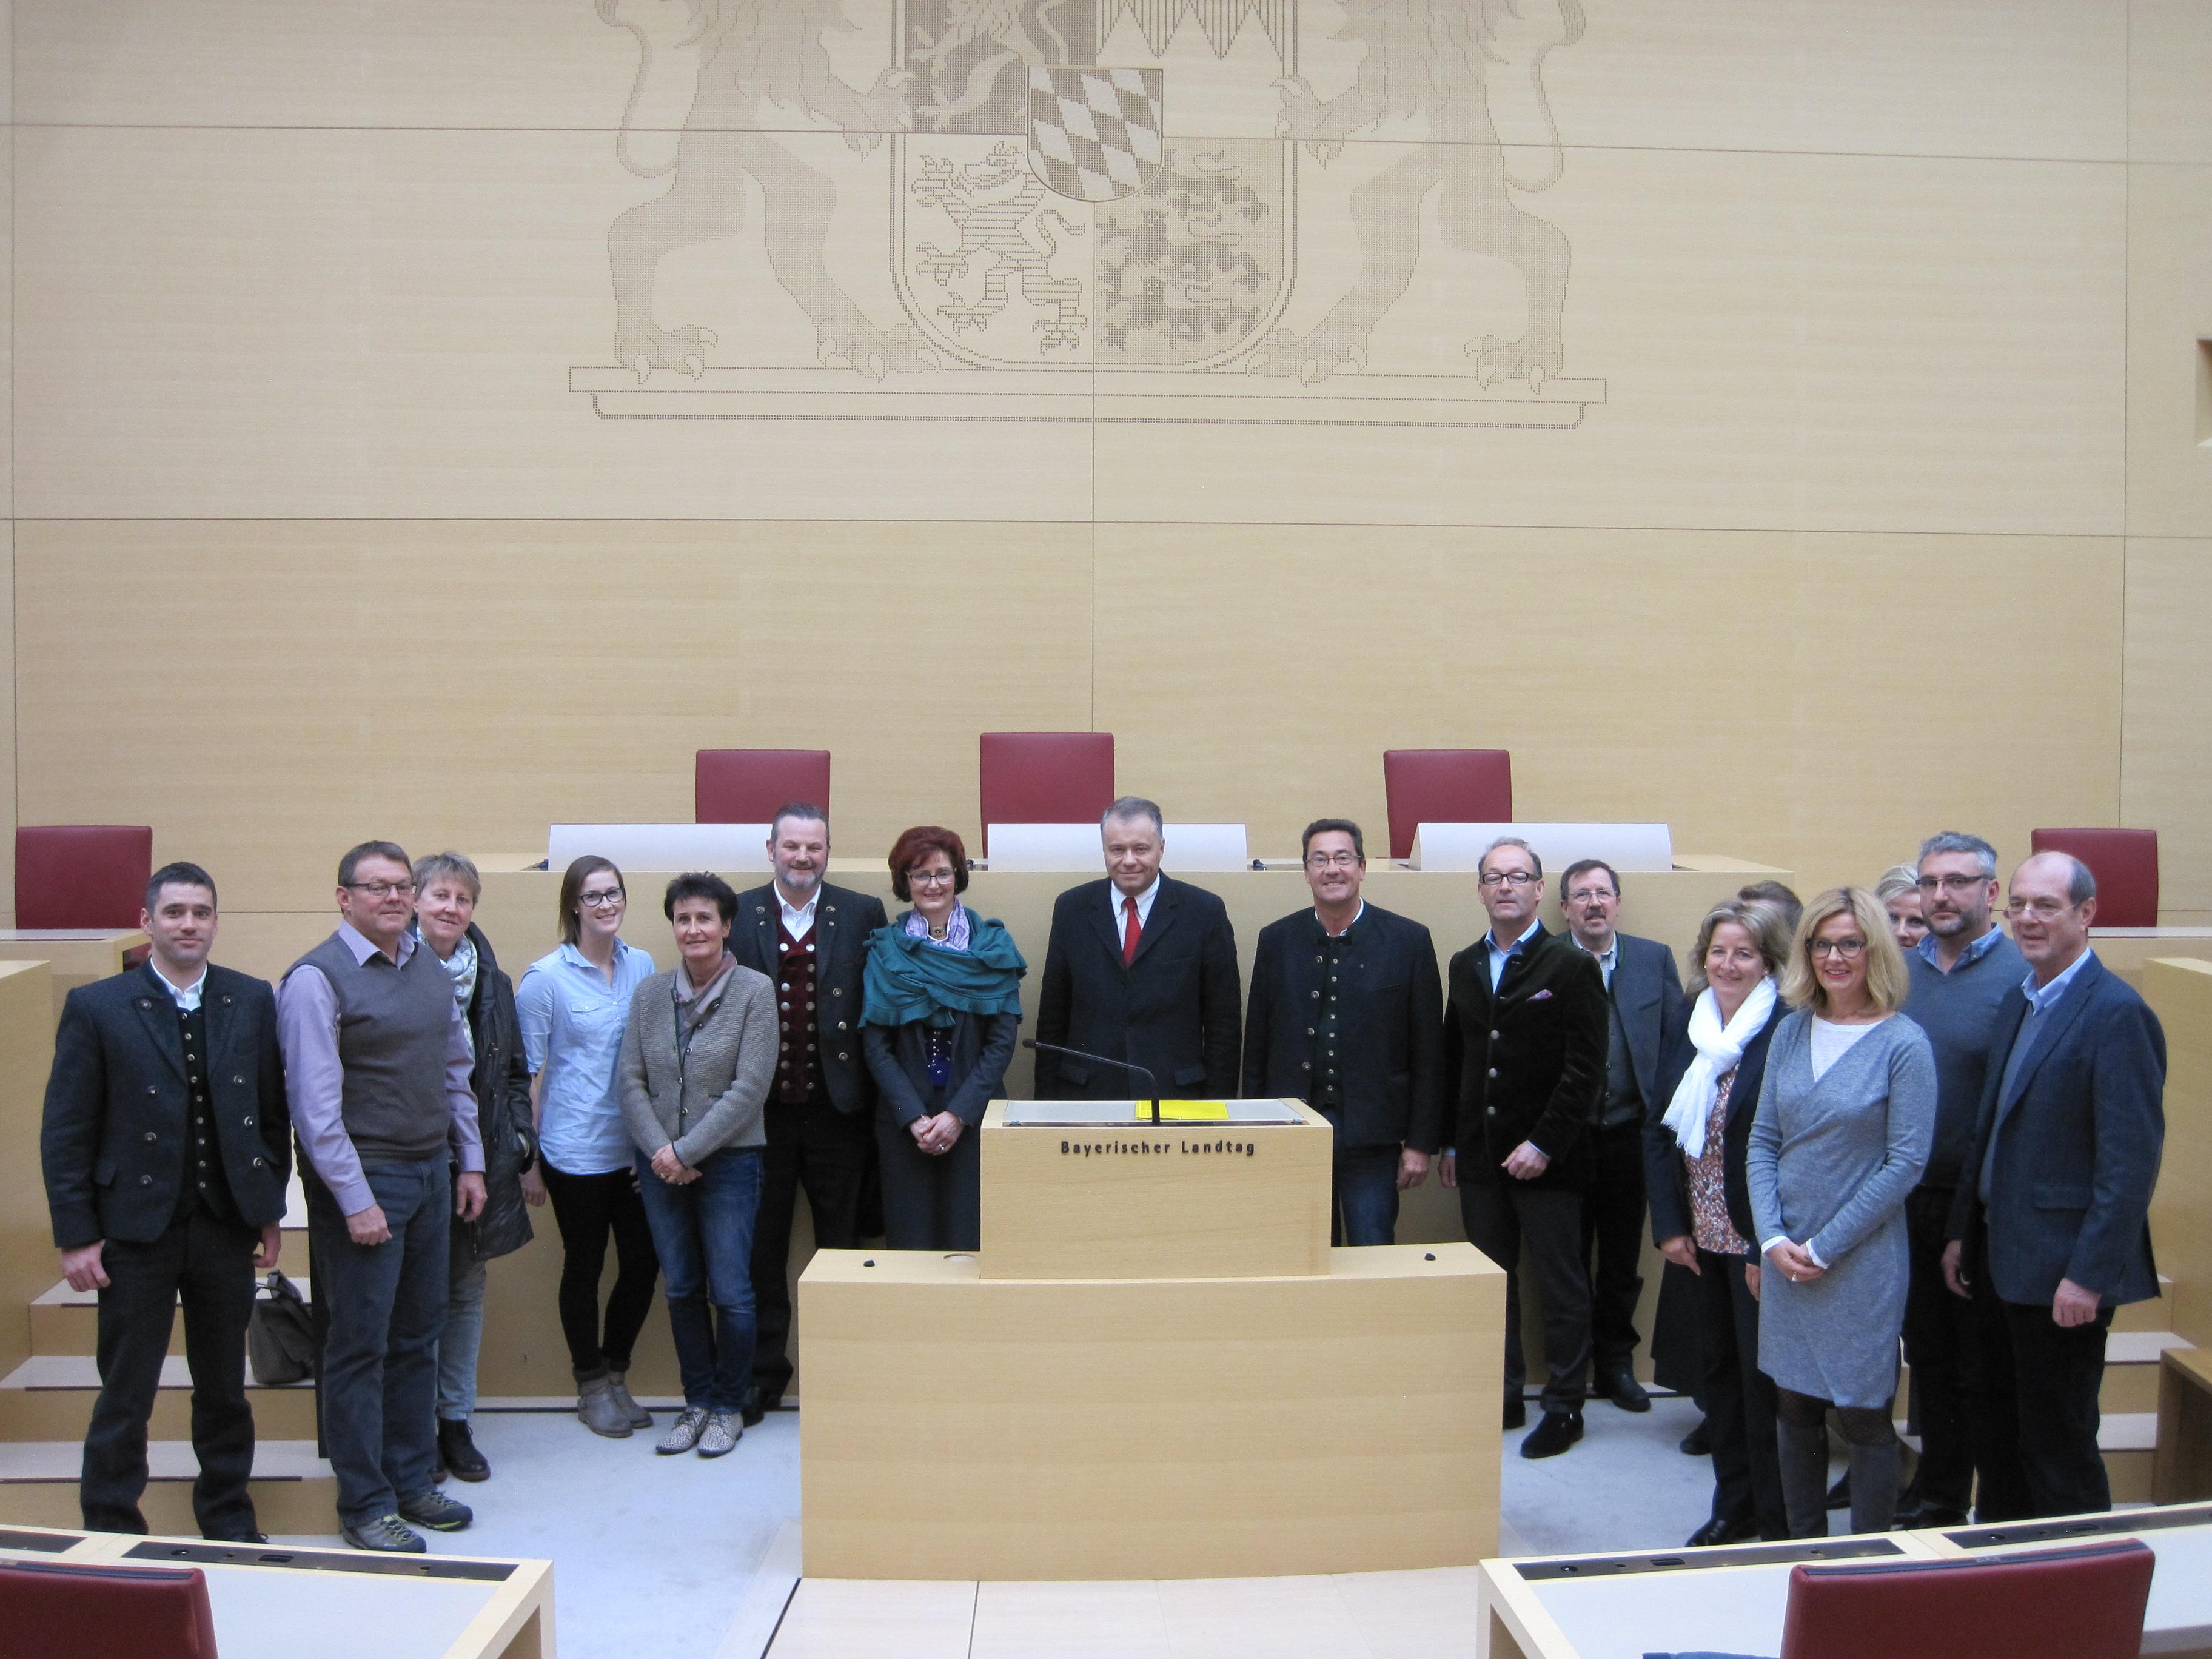 23.11.2016, Besuch der Kreishandwerkerschaft Oberland